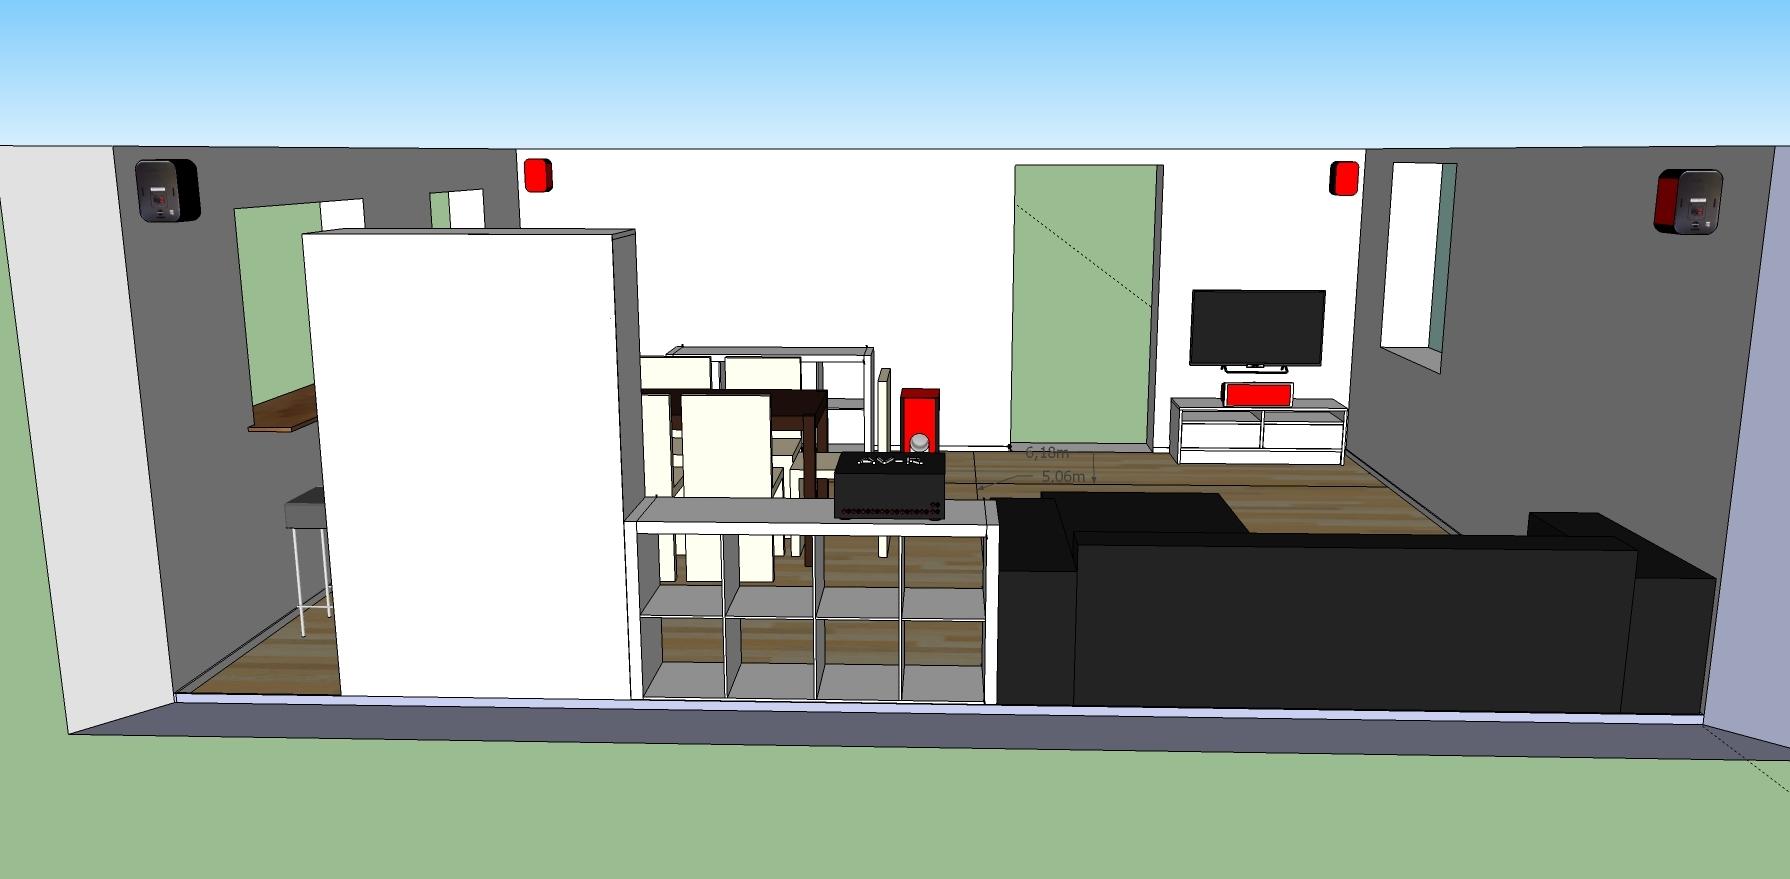 wohnzimmer mit 5 1 anlage ansicht von kellerseite anlage ansicht wohnzimmer hifi forum. Black Bedroom Furniture Sets. Home Design Ideas